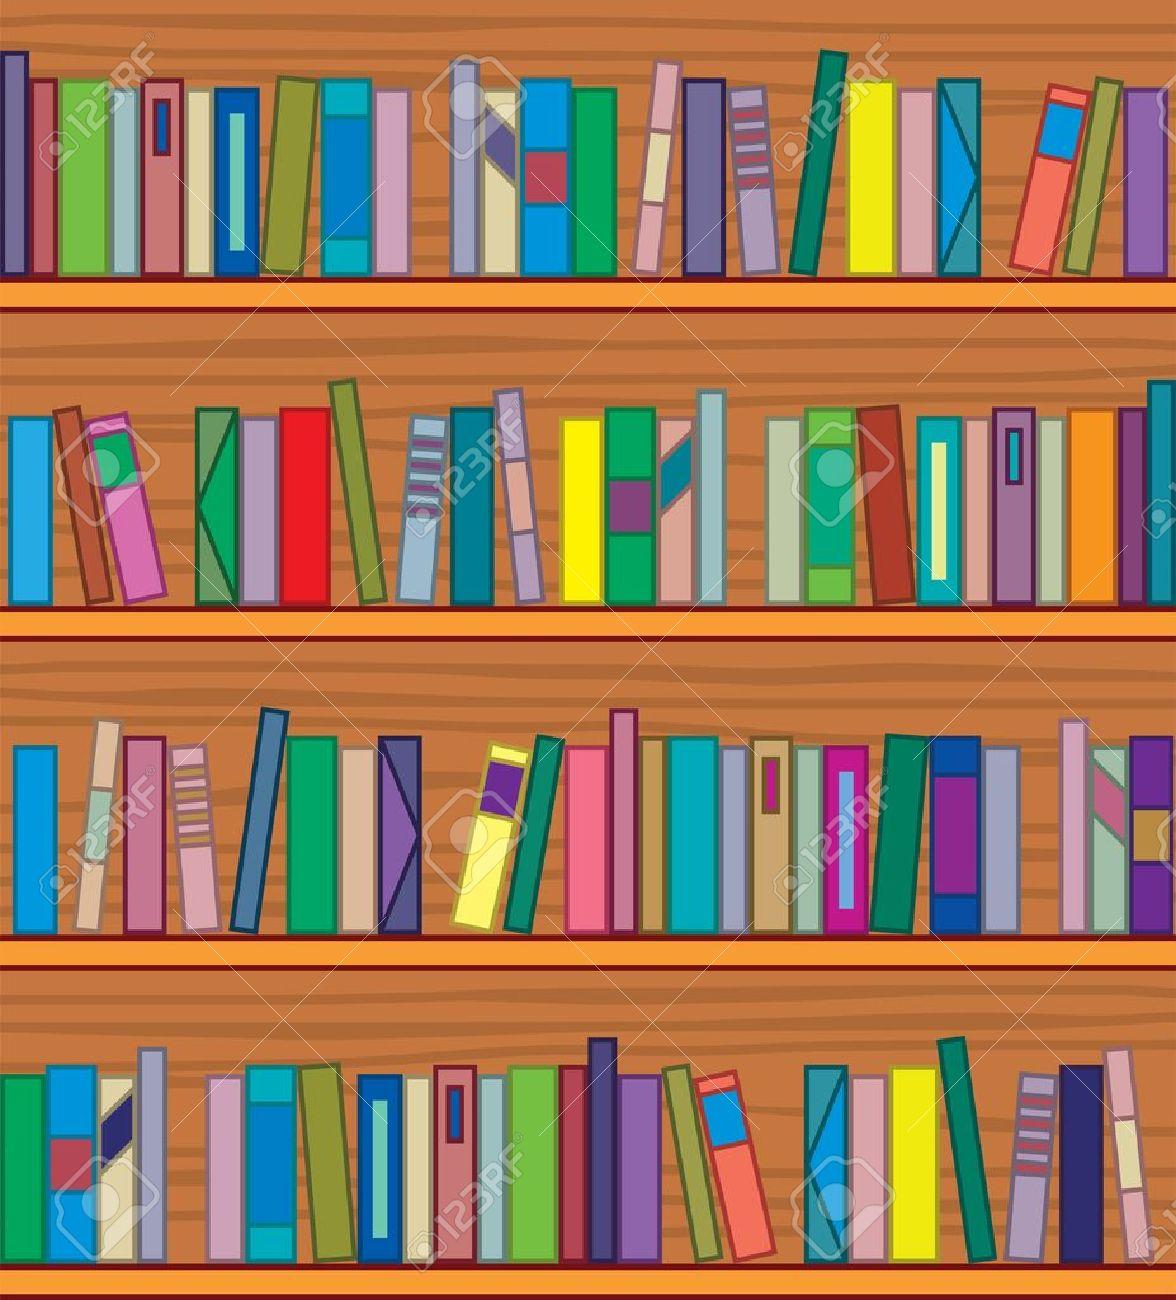 Bücherreihe clipart  Bücherregal Clipart Schwarz Weiß | ambiznes.com